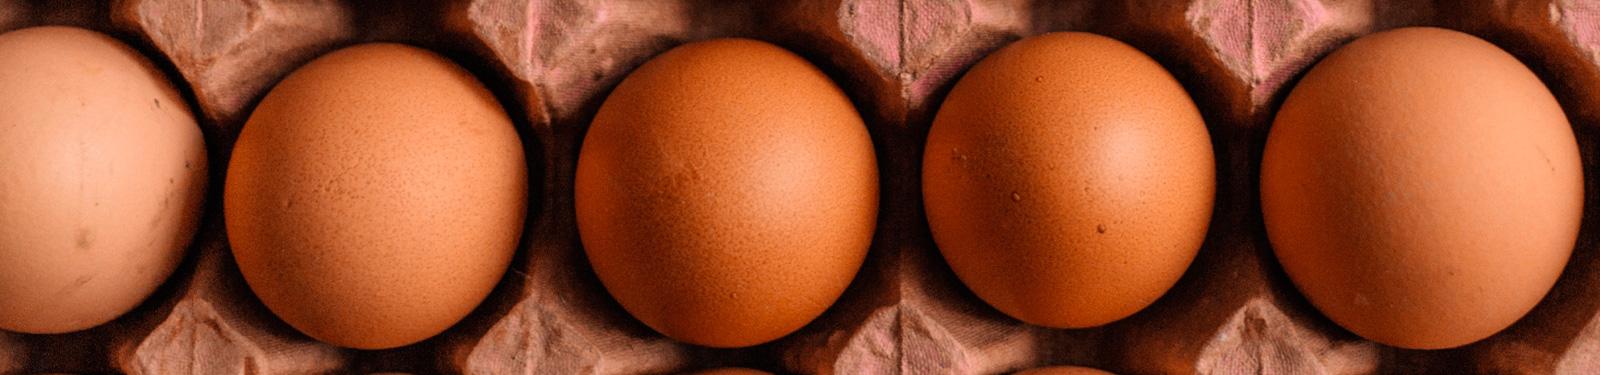 creencias sobre el huevo